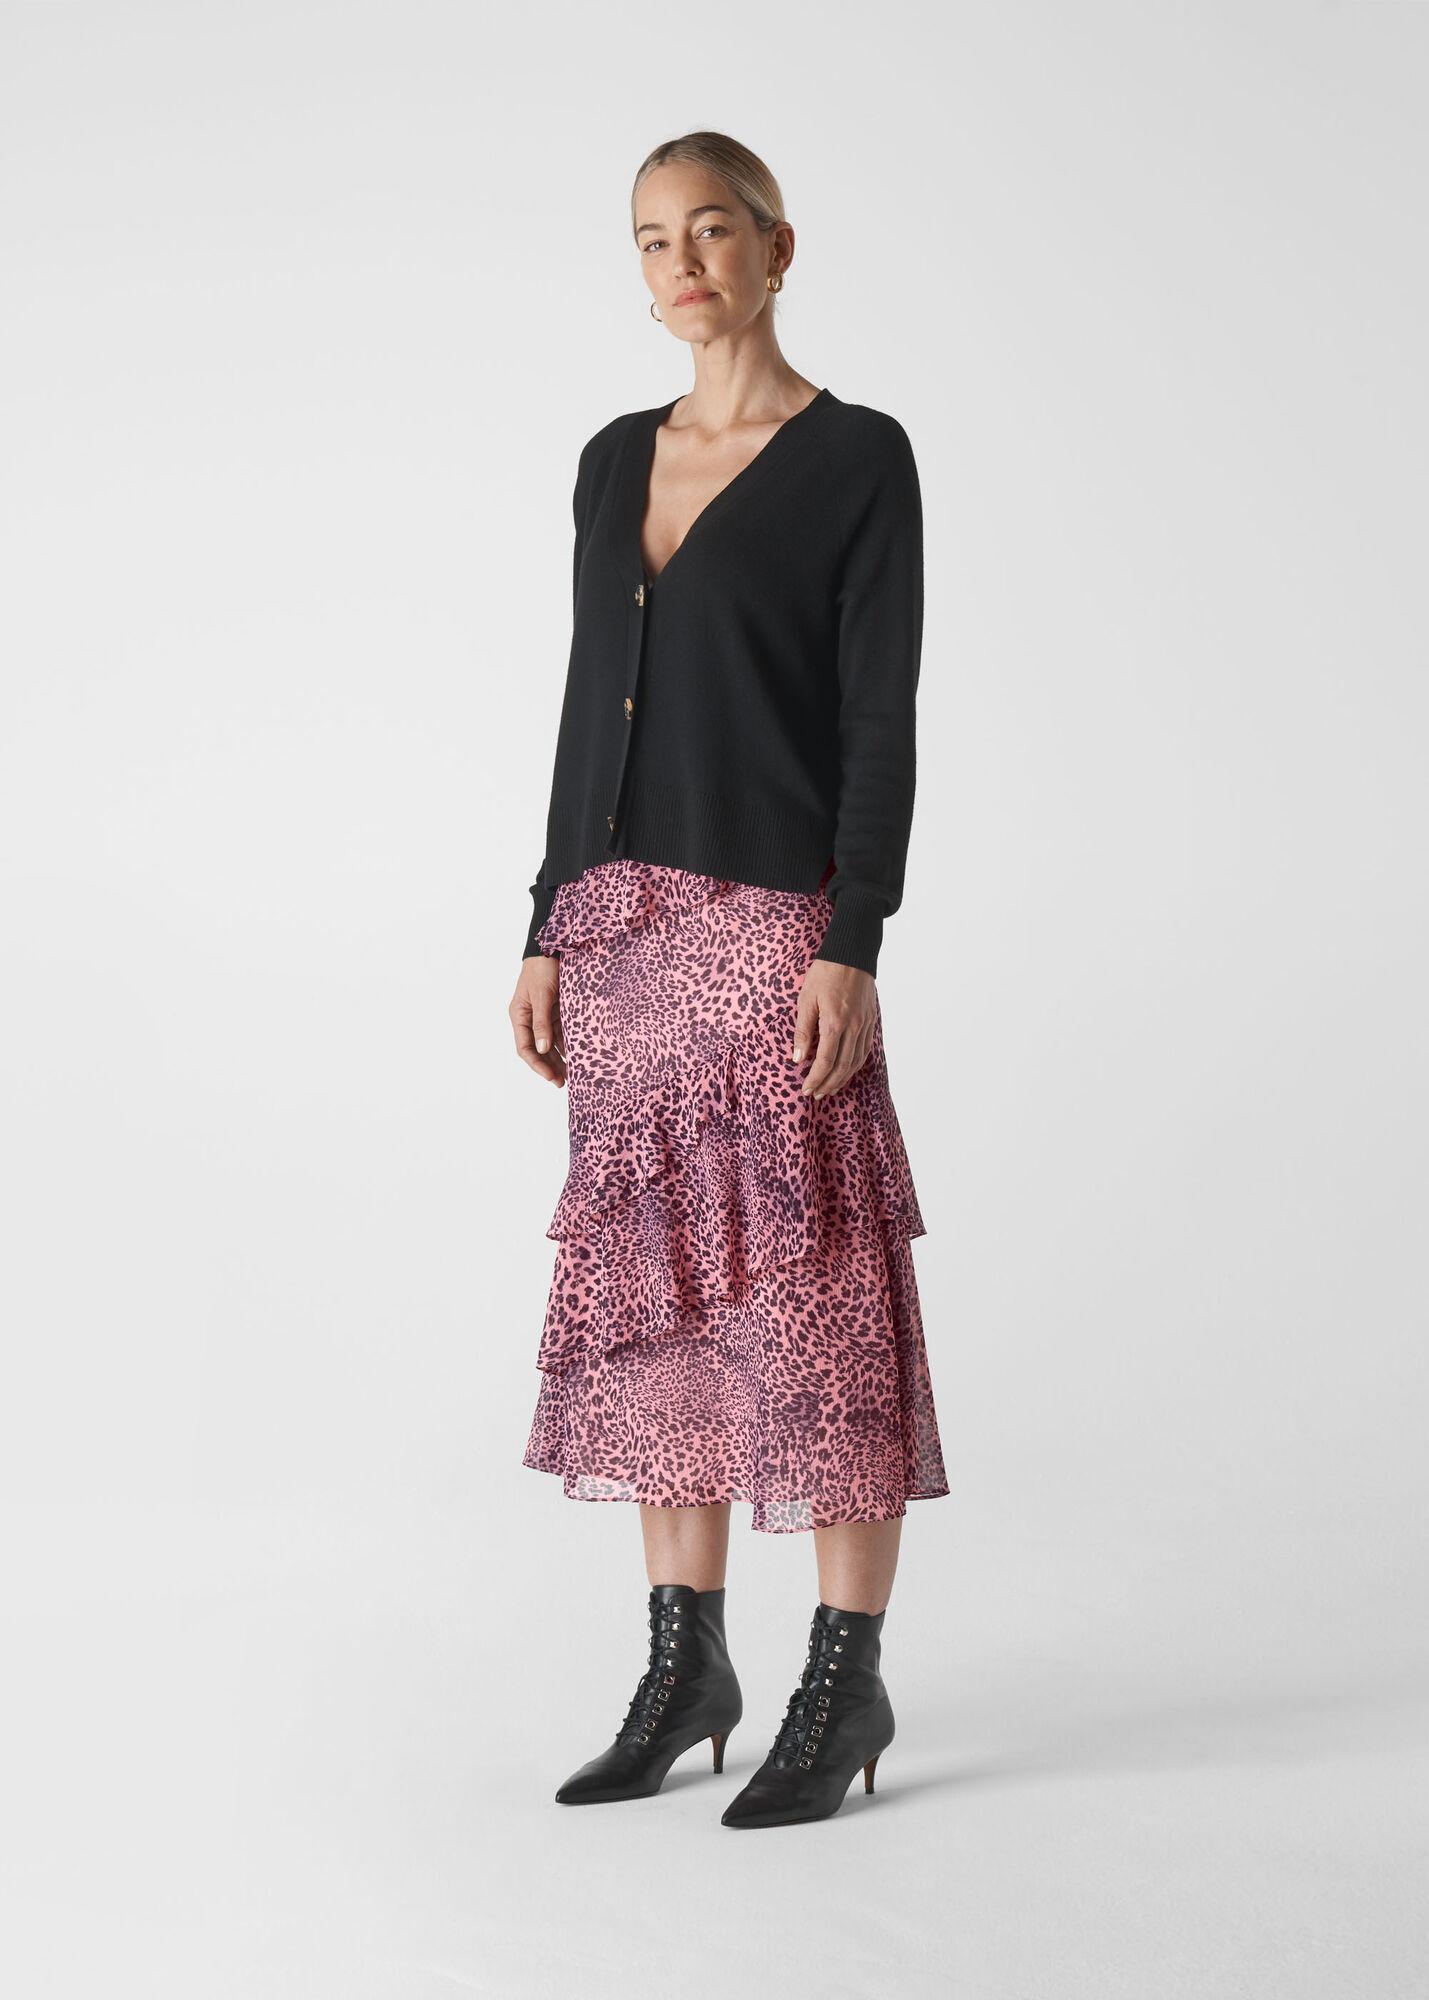 Wild Cat Print Skirt